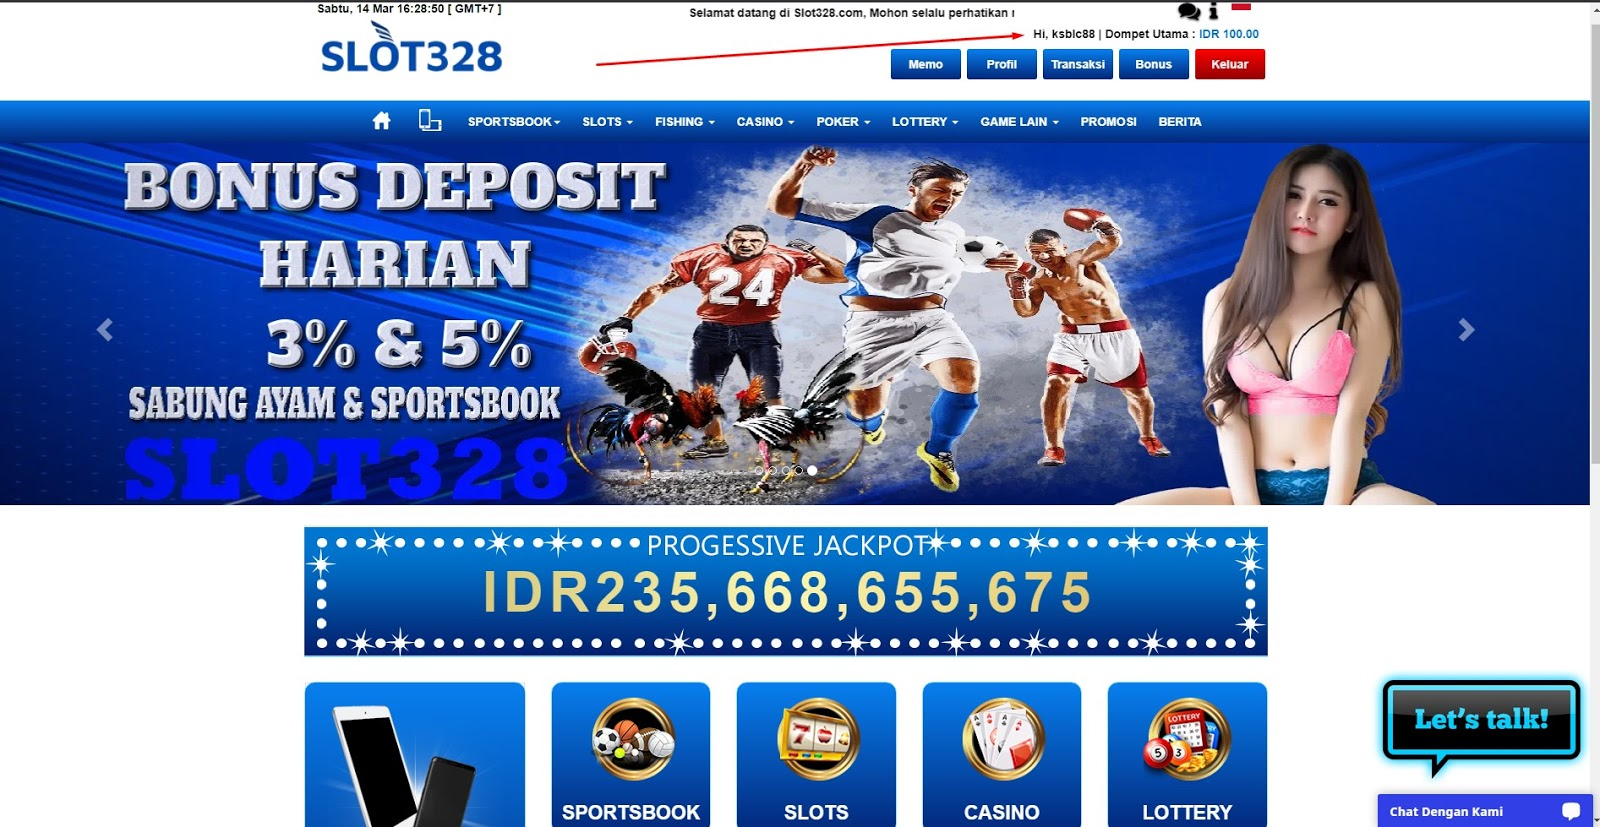 Slot328 Daftar Situs Judi Slot Online Terpercaya Majalahberita24 Prediksi Bola Akurat Dan Terkini Berita Terupdate